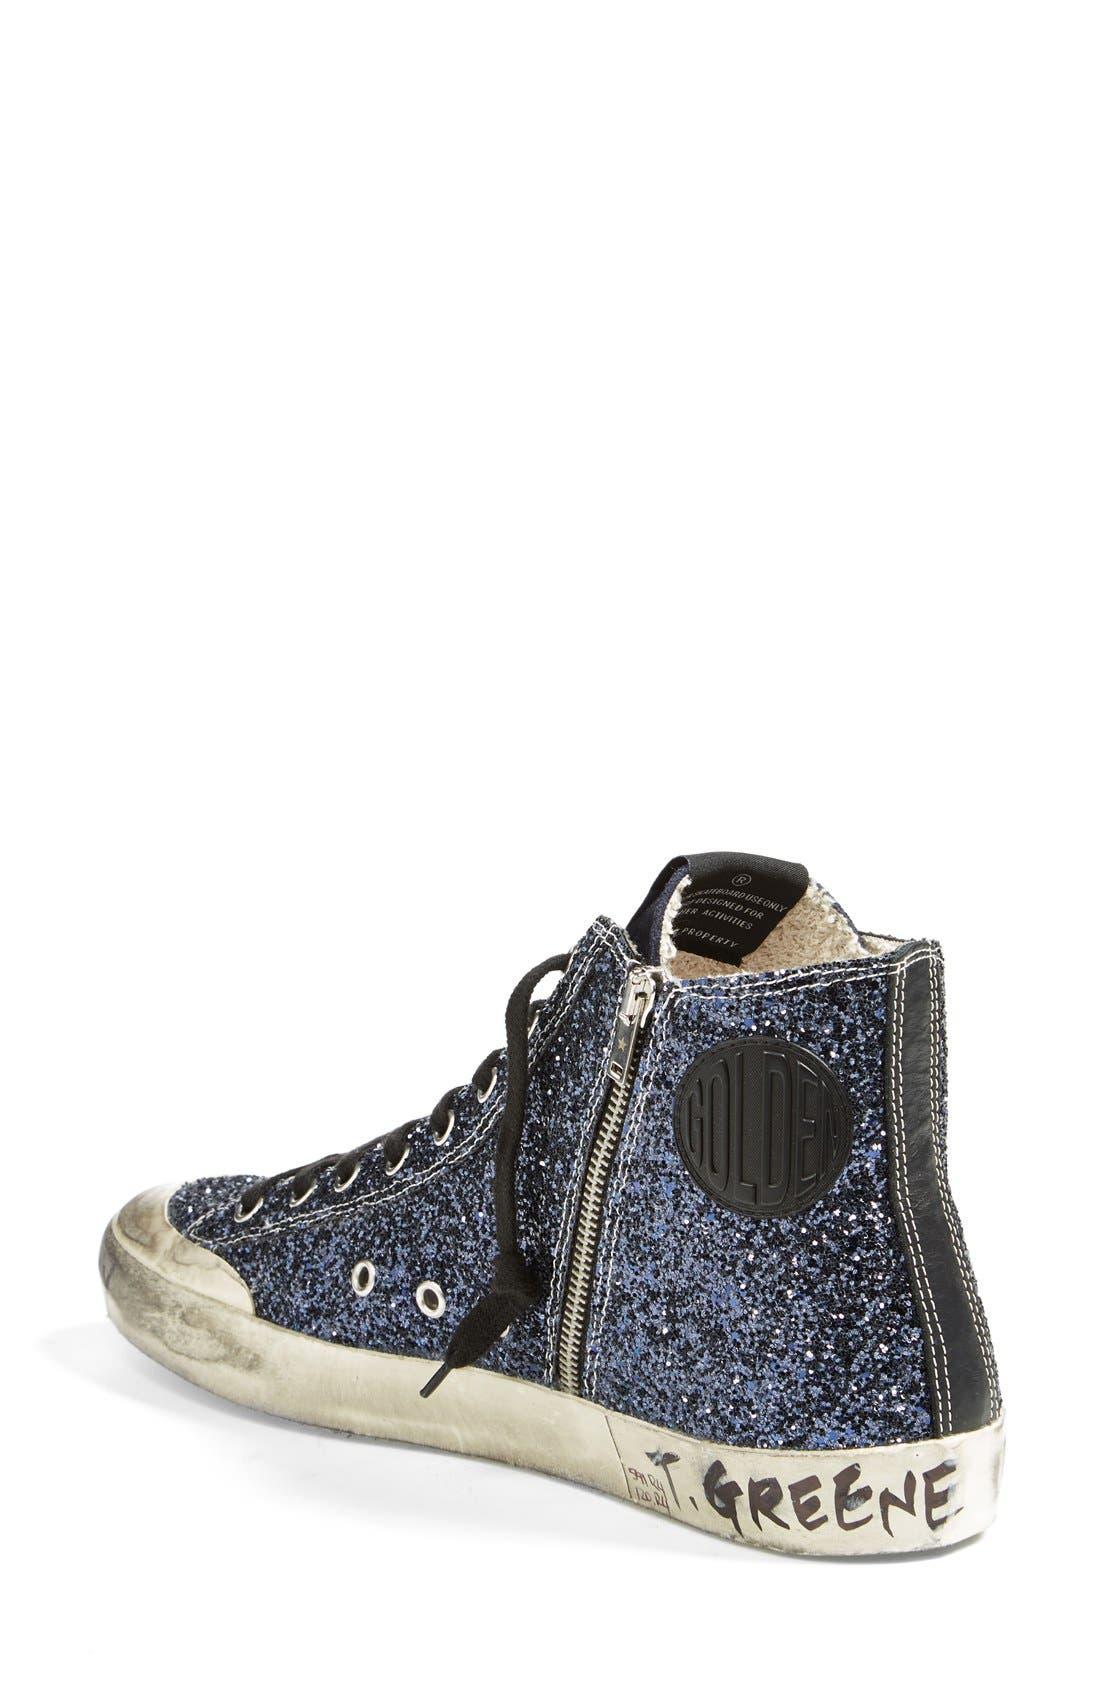 Alternate Image 2  - Golden Goose 'Francy' Sneaker (Women)